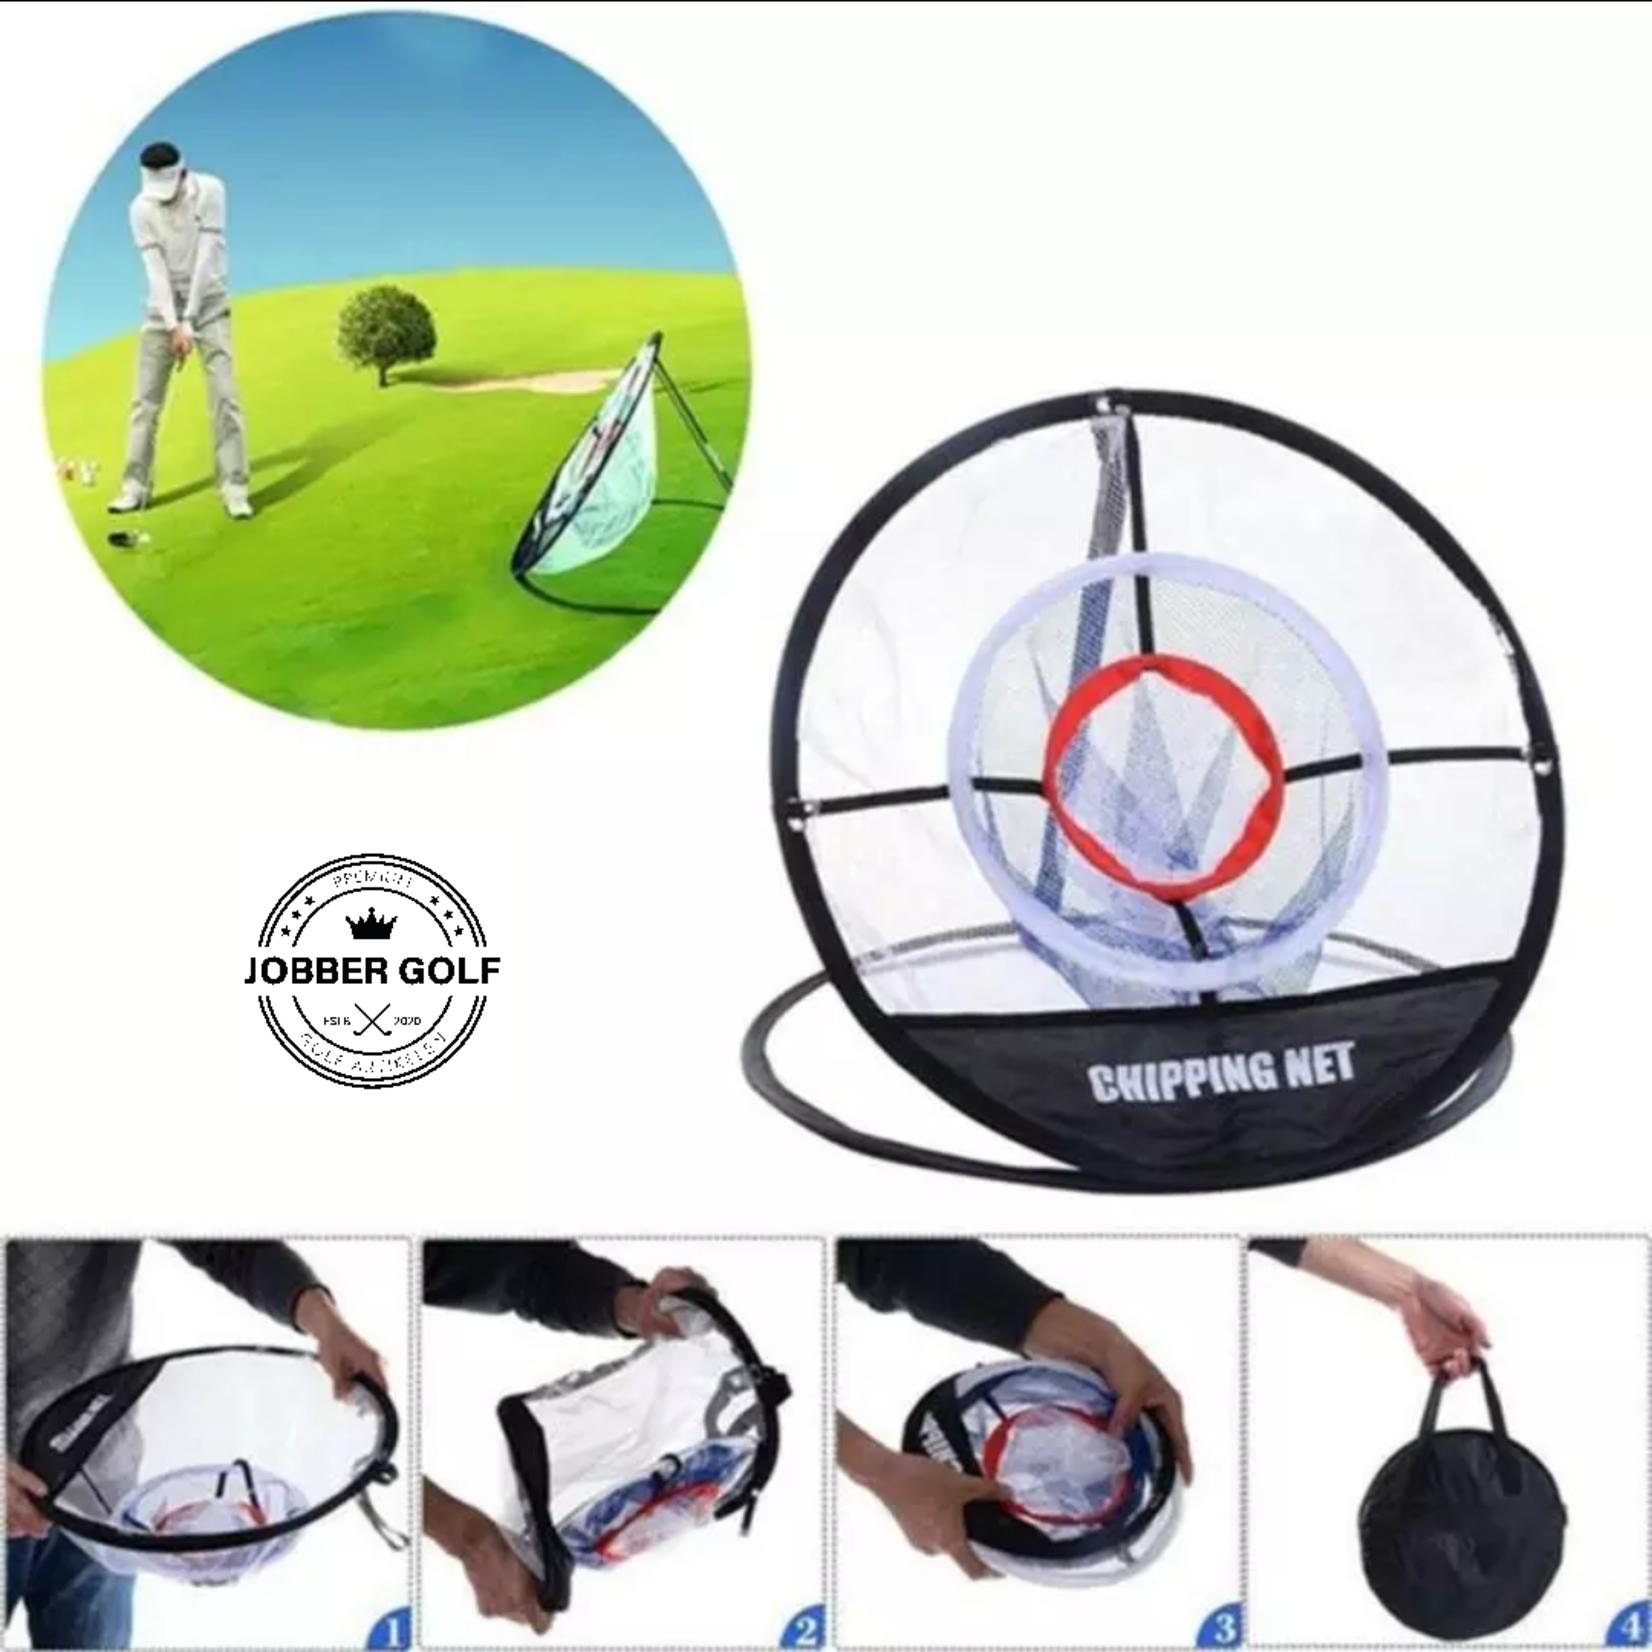 Jobber Golf Jobber Golf – Chipping net golf trainingsmateriaal